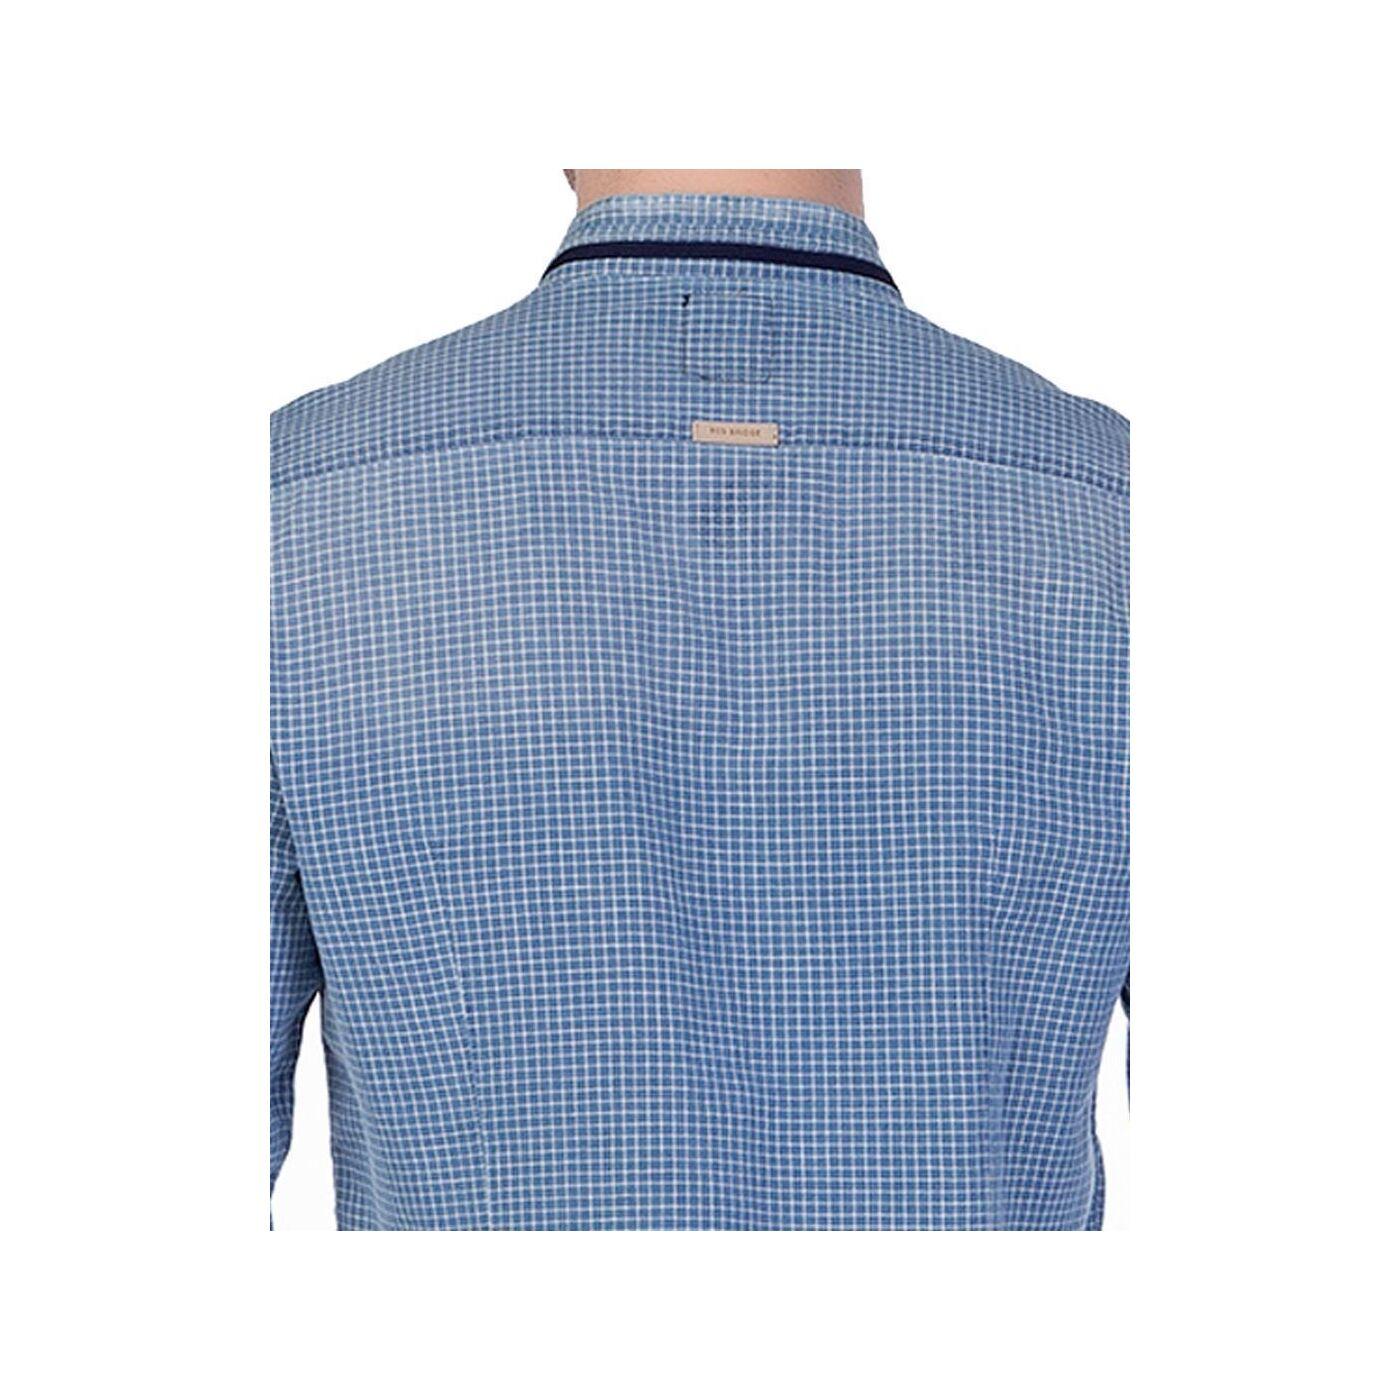 redbridge fresh vintage checkered hemd m5015 standard 18 99. Black Bedroom Furniture Sets. Home Design Ideas